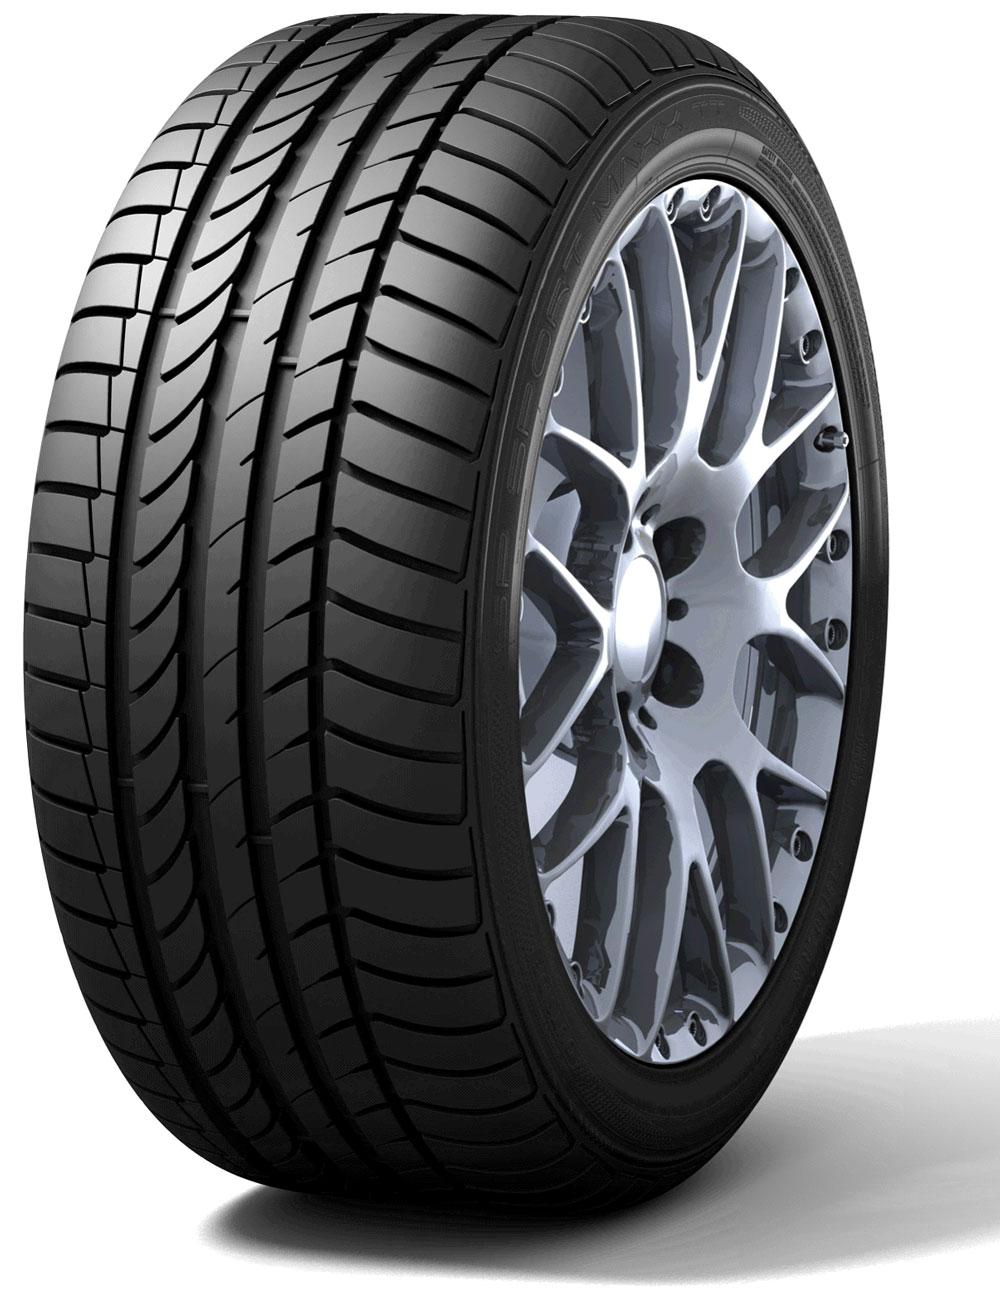 Dunlop SP Sport Maxx 235/55 R17